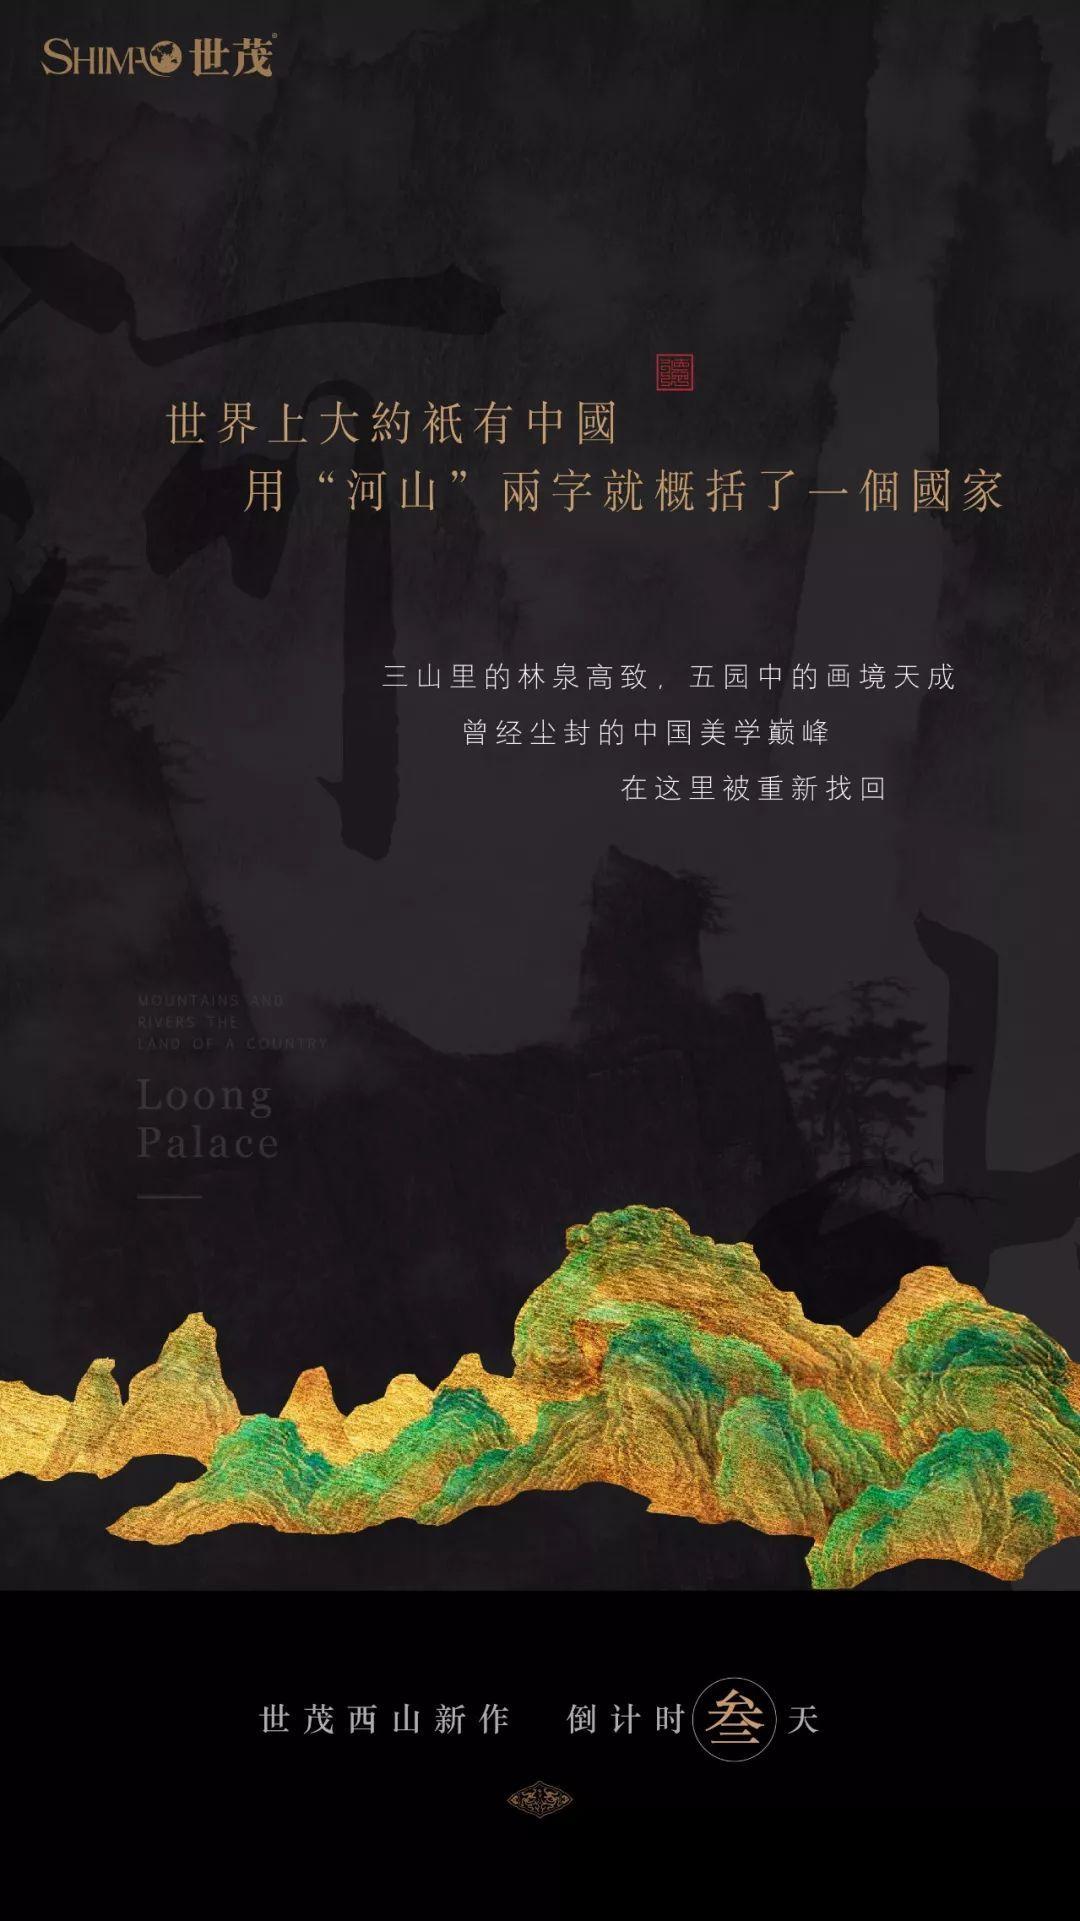 王原君 新中式品牌营造第九层三别墅区平房图片